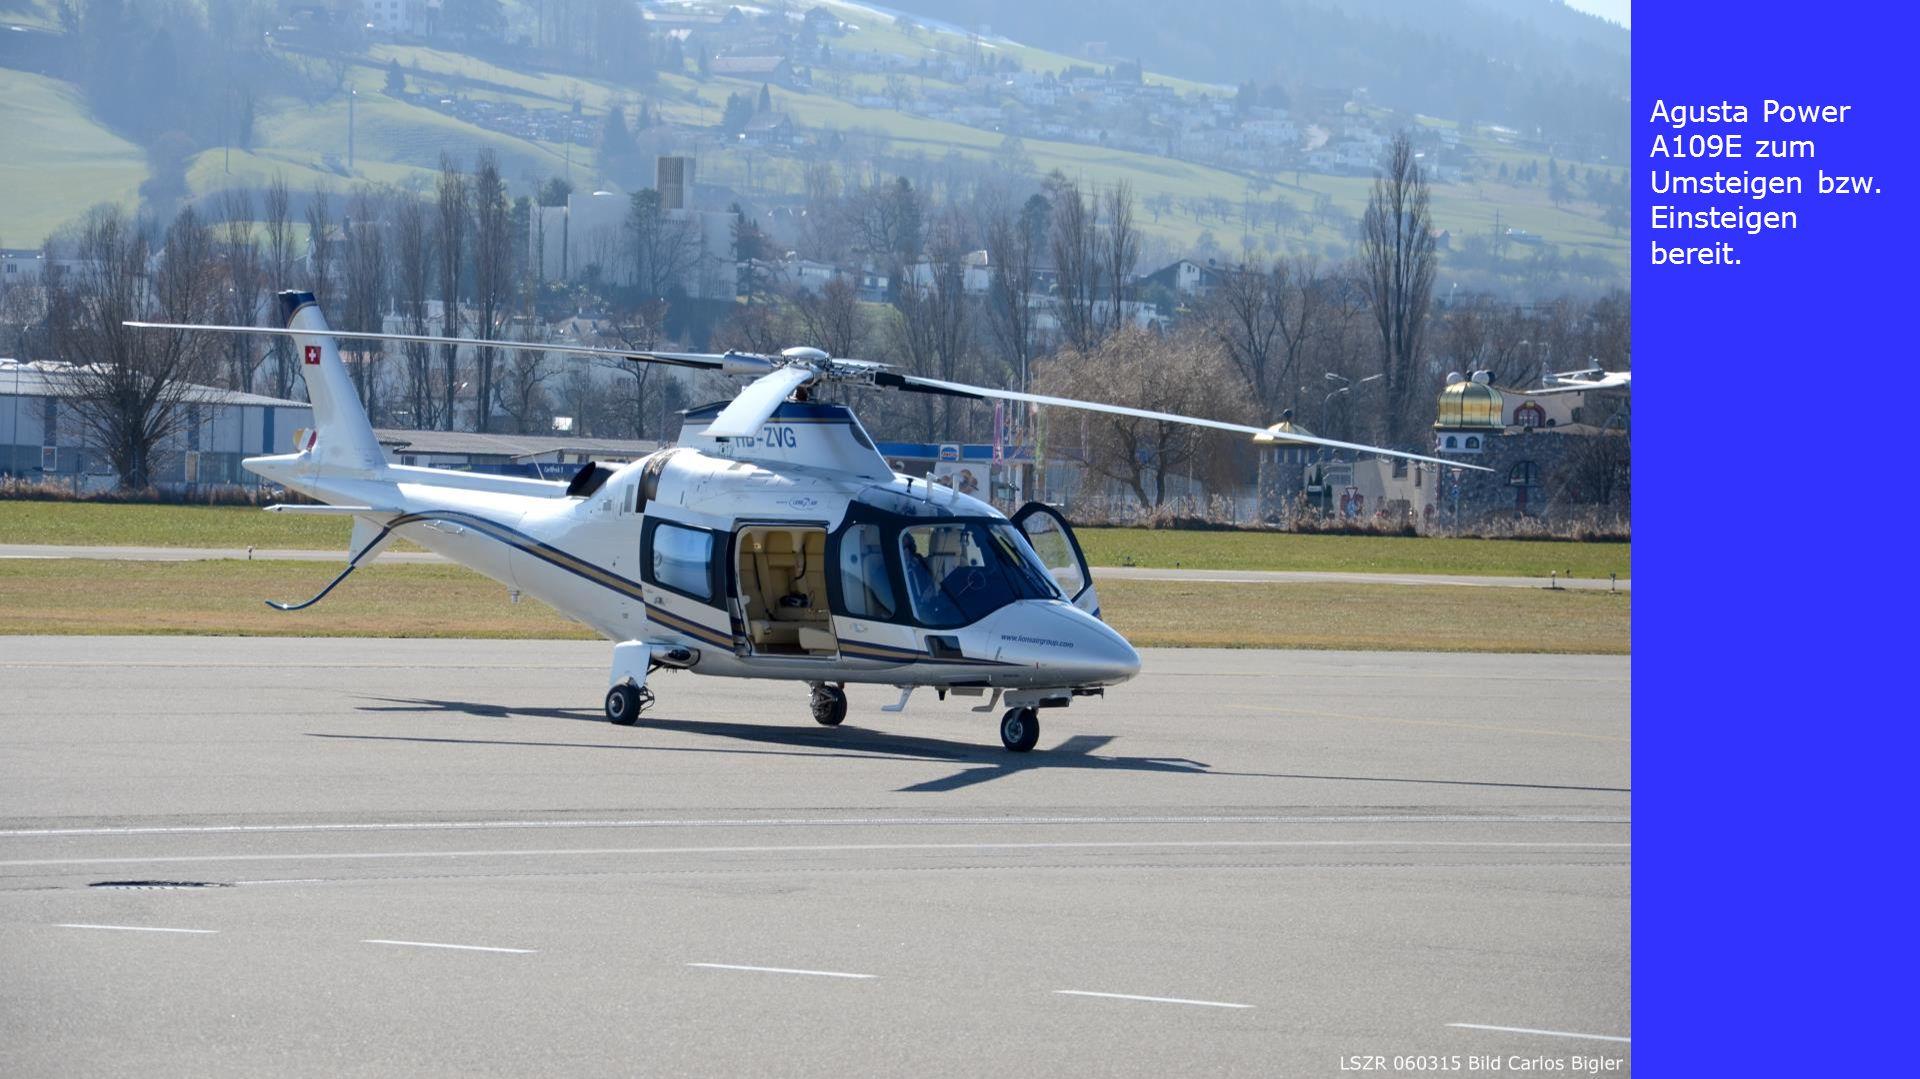 Agusta Power A109E zum Umsteigen bzw. Einsteigen bereit.